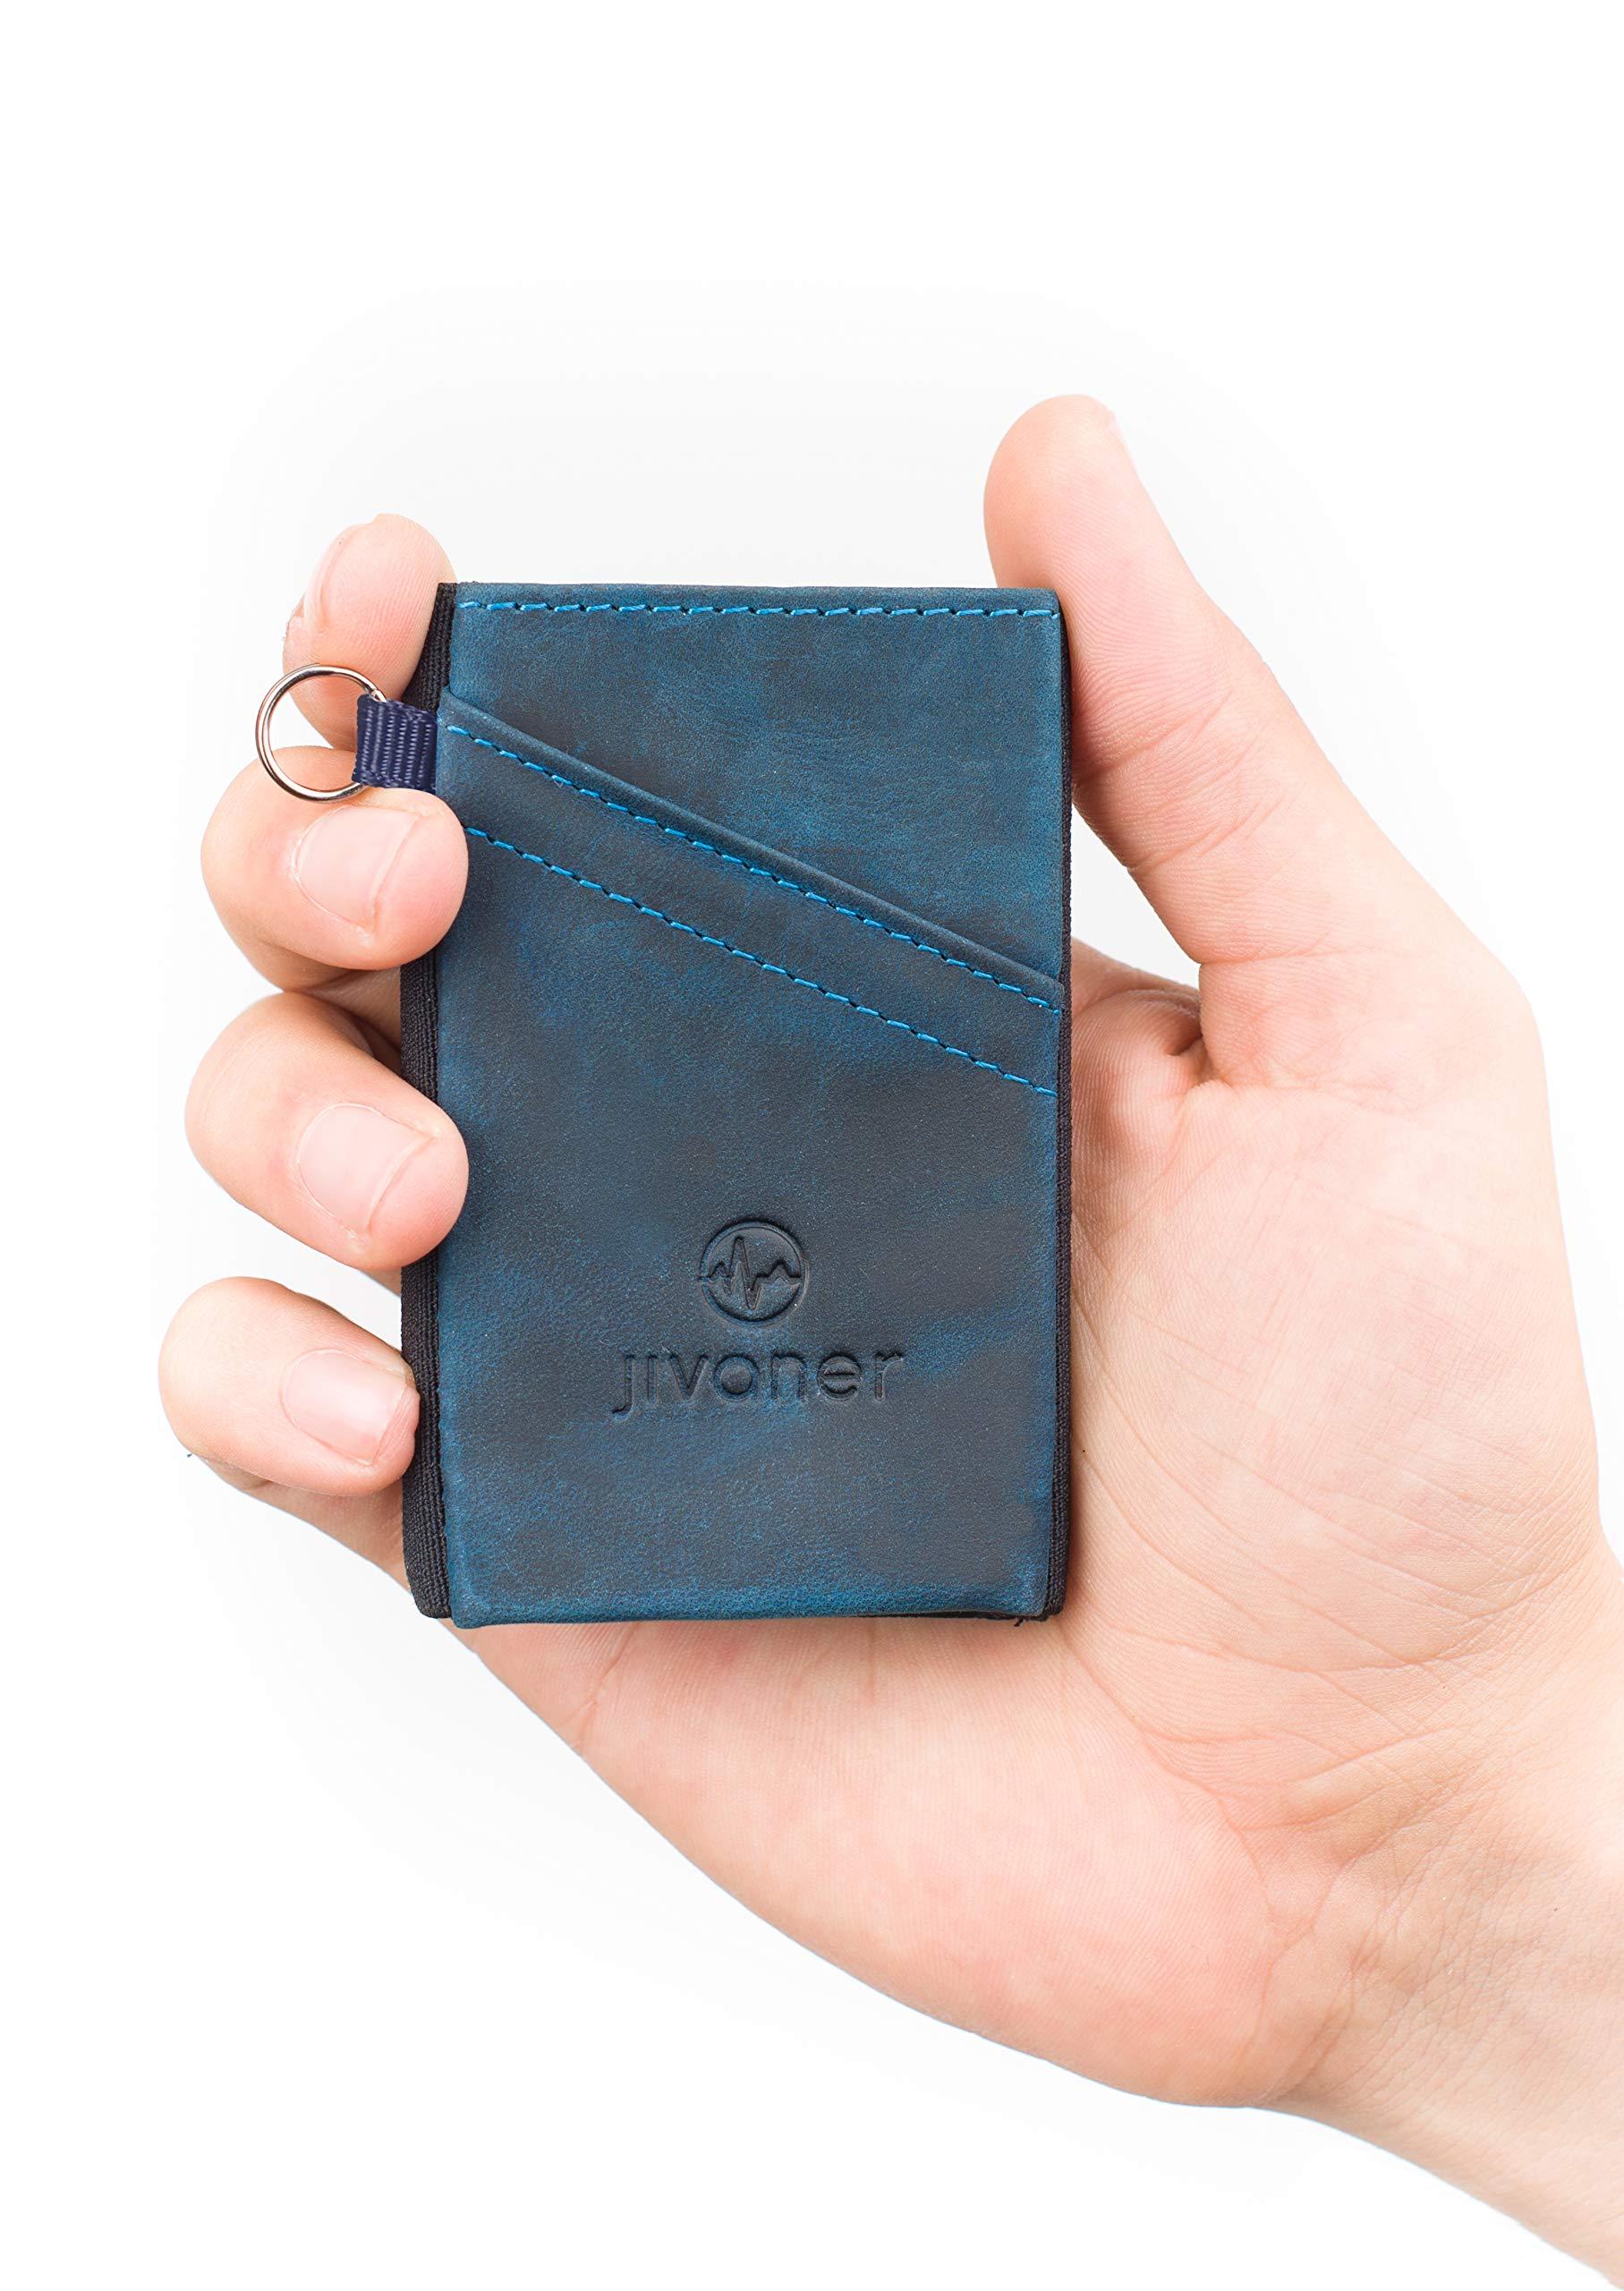 JIVANER Ultra Slim  Portafoglio uomo piccolo e suttile in pelle – Porta  carte di credito minimalista con protezione RFID – Elegante mini portamonete  ... 0f2accd453b